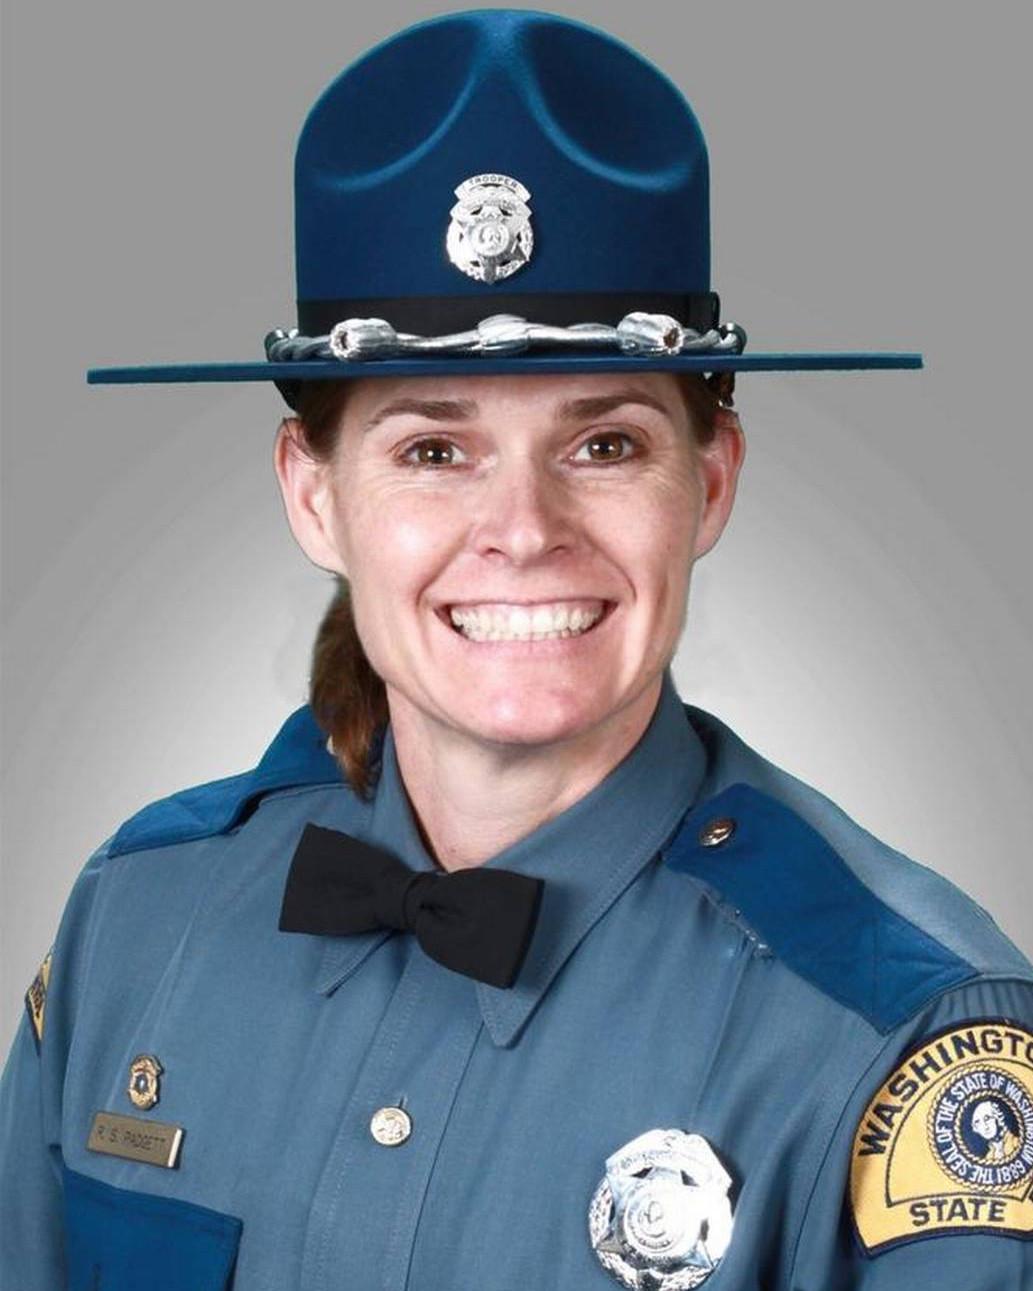 Trooper Suzanne